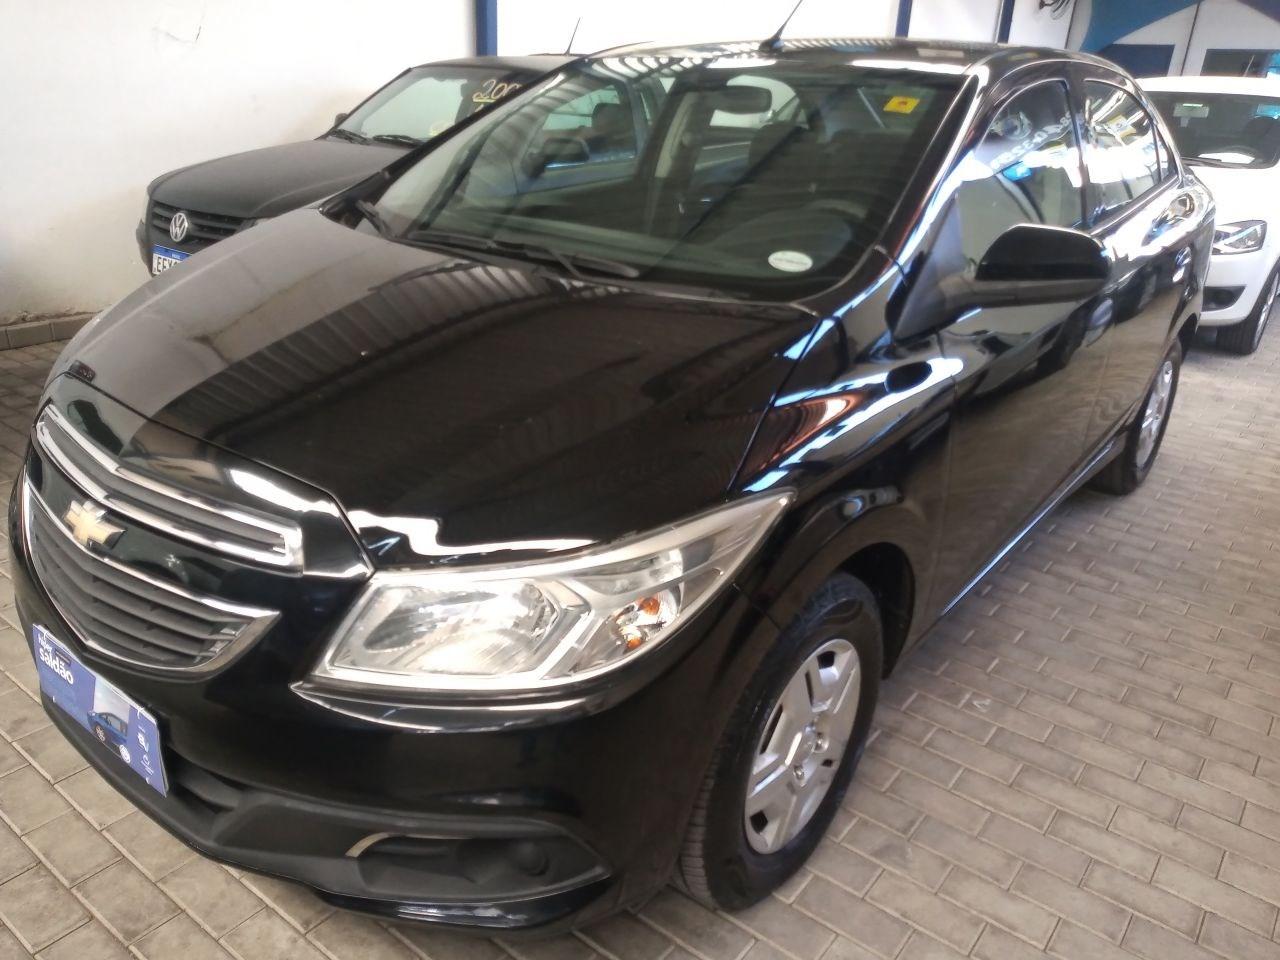 //www.autoline.com.br/carro/chevrolet/prisma-10-lt-8v-flex-4p-manual/2014/salto-sp/14751550